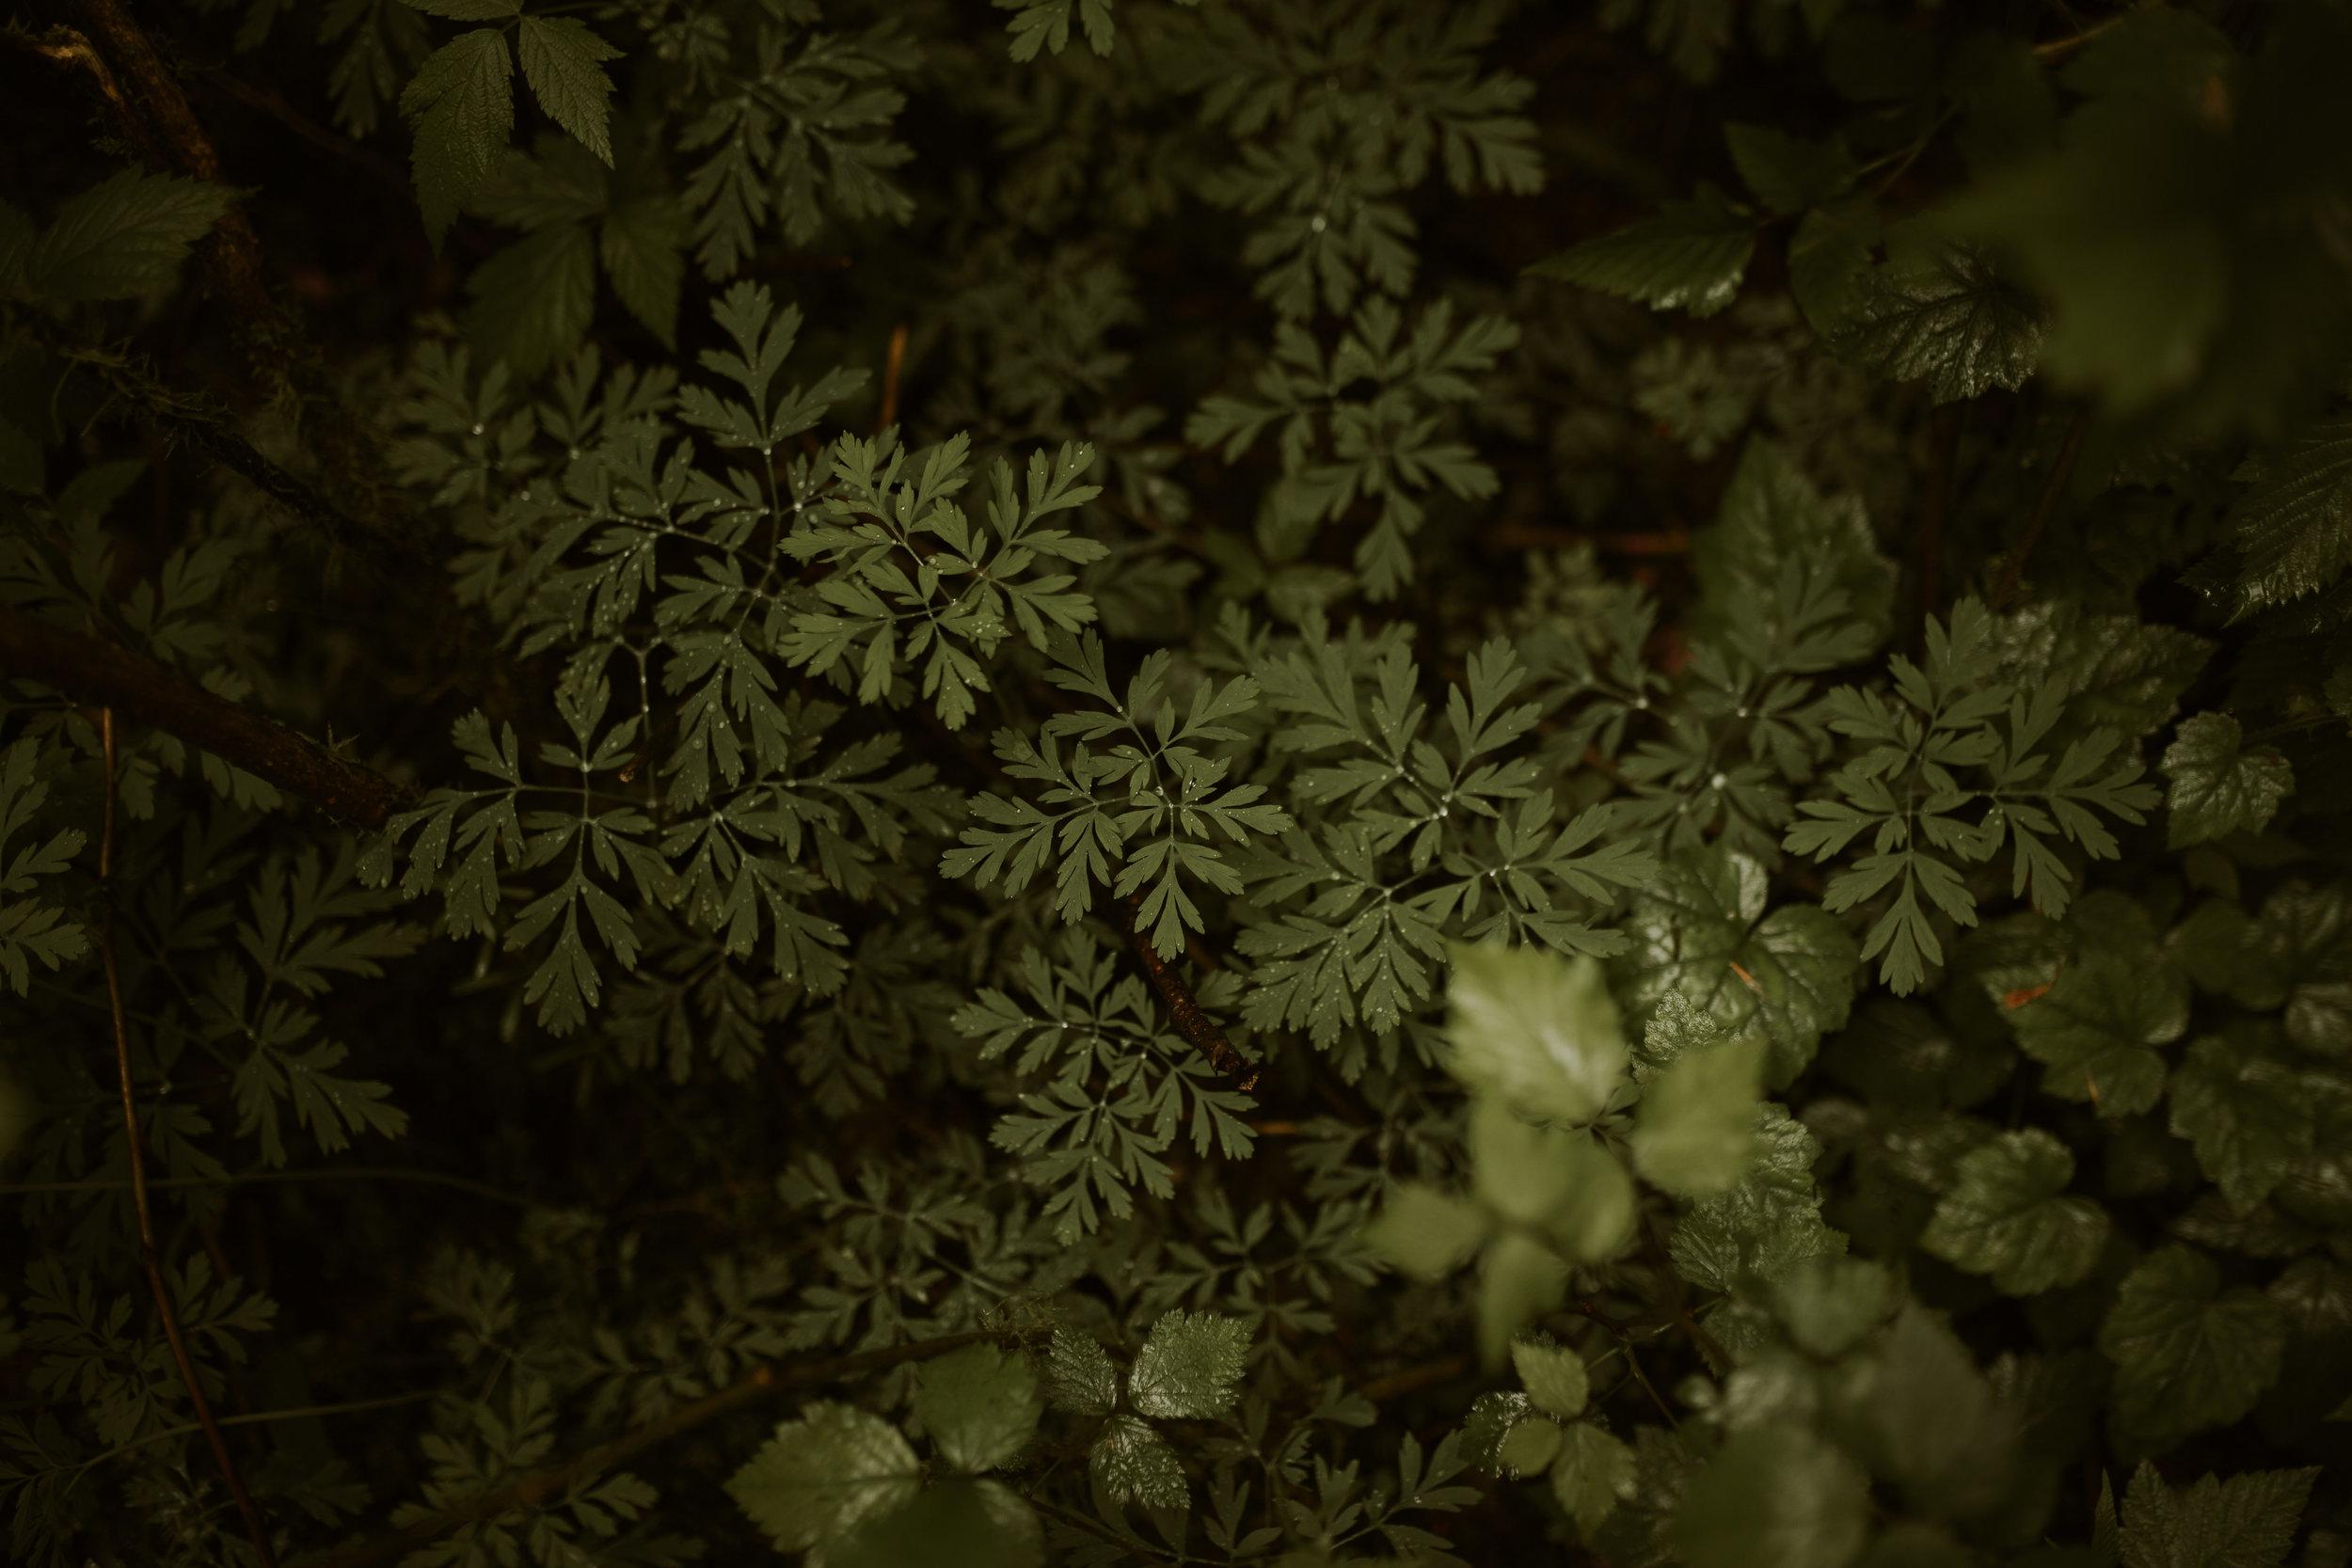 Seattle Wedding Photographer - Adventure Photography - Washington Couple's Photographer - Hiking - Kanaskat Palmer State Park - Lifestyle Photography - Nature - Hanging Gardens - Beautiful Washington Hike - Hikes Near Seattle - Traveling Wedding Photography - Travel - Destination Wedding Photographer